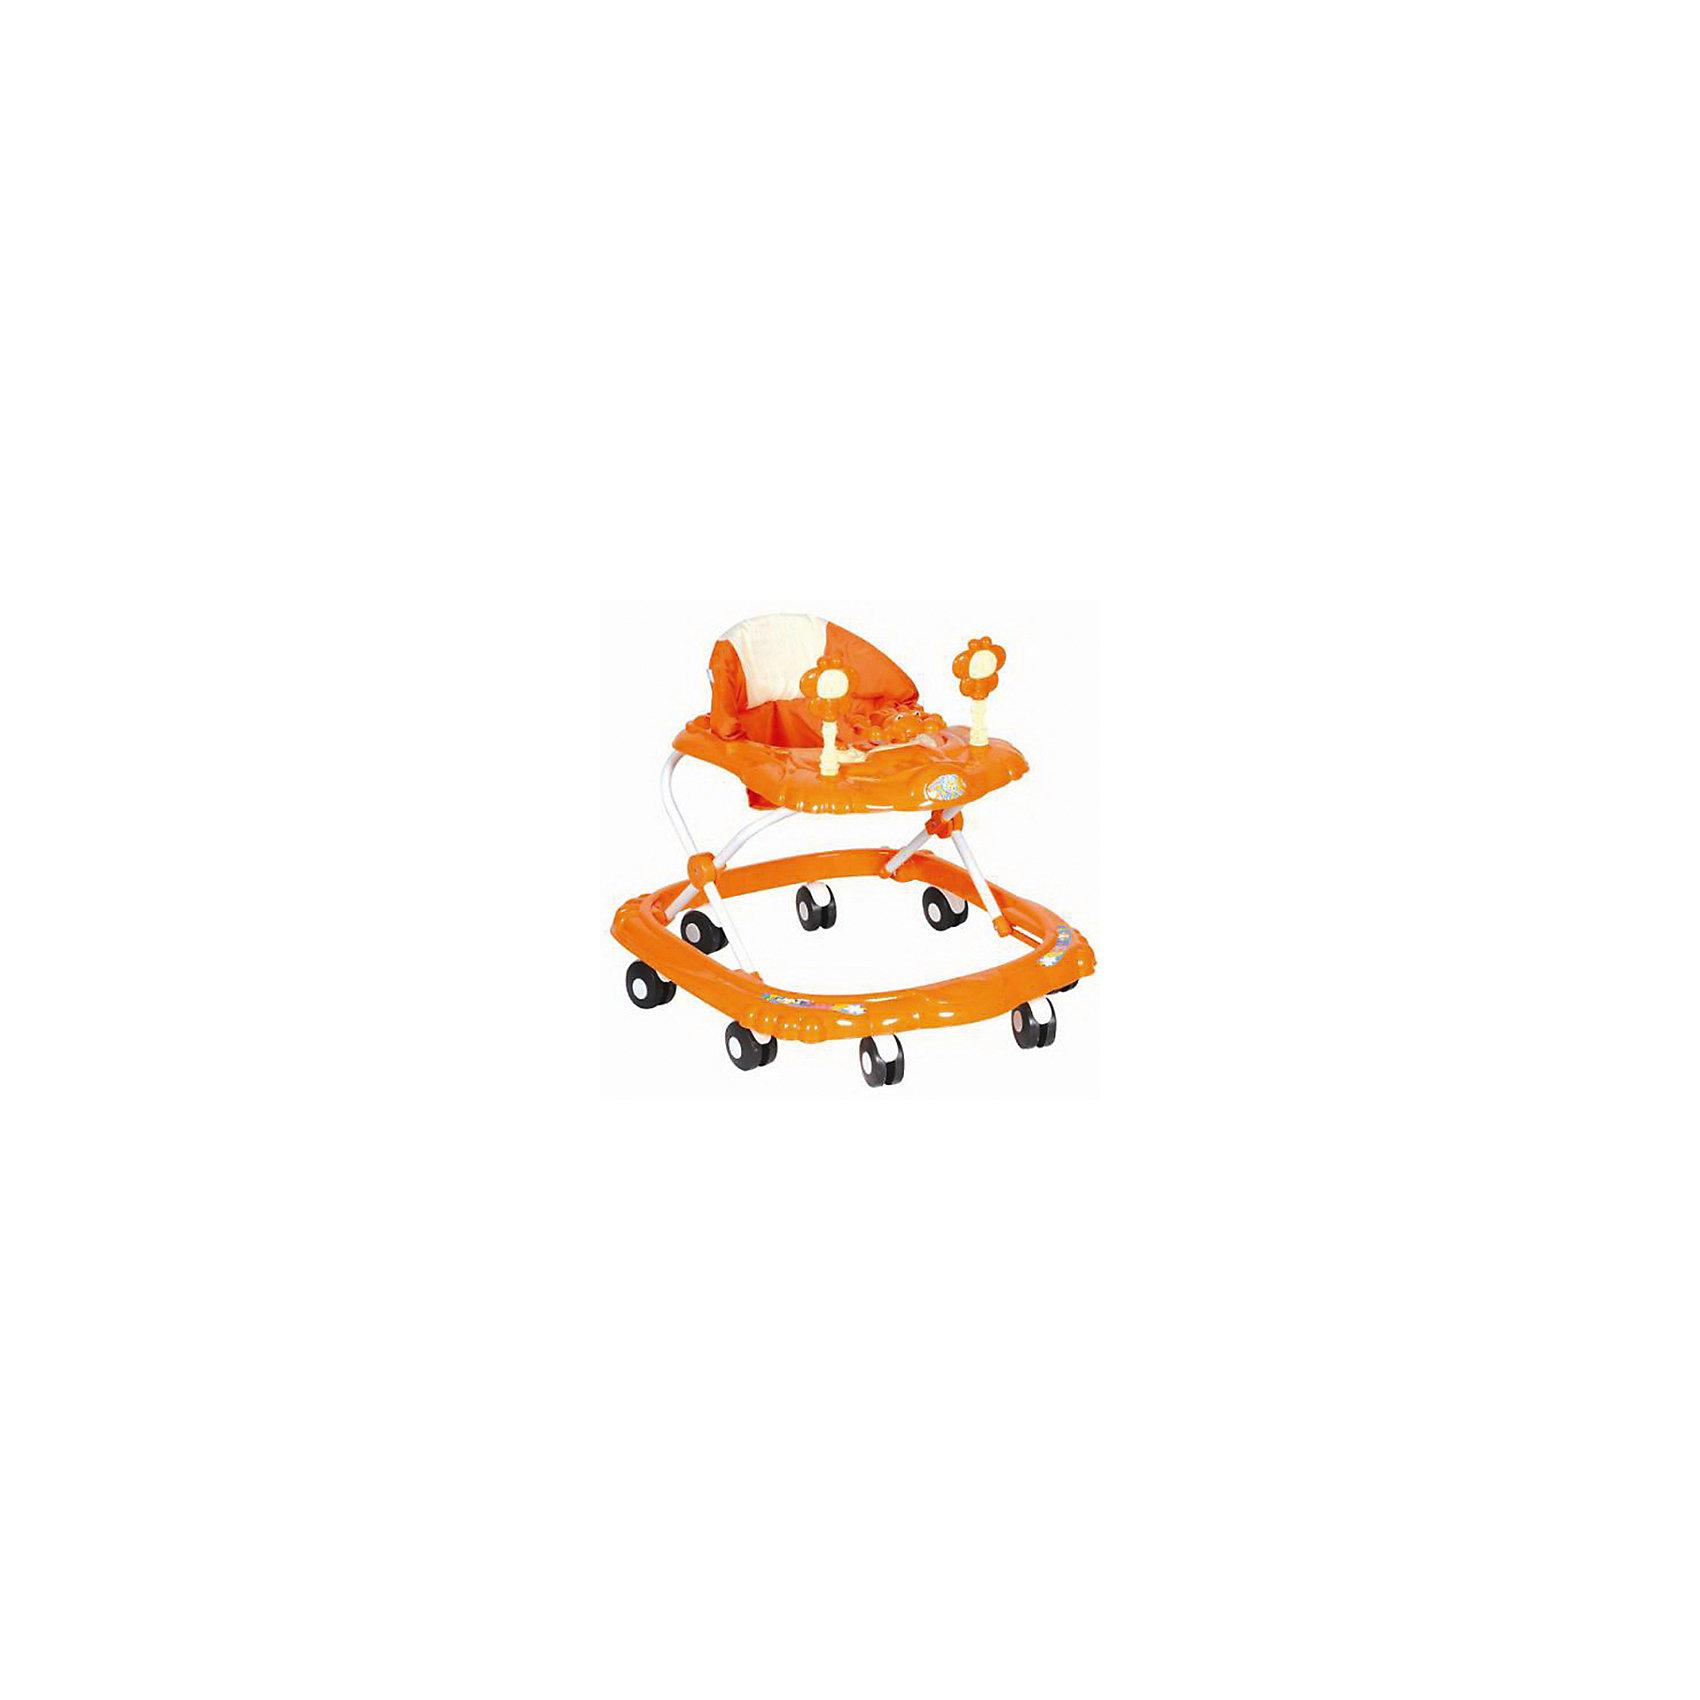 Ходунки Цветочки, Shine Ring, оранжевыйХодунки<br>Характеристики товара:<br><br>• цвет: оранжевый<br>• возраст: от 6 мес.<br>• 8 поворотных колес<br>• съемная игровая панель<br>• музыкальное сопровождение<br>• мягкое сиденье<br>• 3 положения высоты<br>• 2 батарейки типа (AA) (в комплект не входит)<br>• размеры: 66x56x47см<br>• вес: 3,4кг<br>• страна производства: Китай<br><br>Ходунки Shine Ring - это отличное приобретение, которое поможет вашему малышу сделать свои первые шаги. <br><br>Большое количество поворотных колес прекрасно распределят вес малыша. <br><br>Широкое основание придает отличную устойчивость, что обезопасит вашего ребенка. <br><br>Съемная игровая панель сможет развить мелкую моторику. <br><br>Приятное мягкое сидение прочно крепится к раме и не будет доставлять дискомфорт во время использования.<br><br>Ходунки Цветочки, Shine Ring можно купить в нашем интернет-магазине.<br><br>Ширина мм: 670<br>Глубина мм: 600<br>Высота мм: 520<br>Вес г: 2800<br>Возраст от месяцев: 6<br>Возраст до месяцев: 12<br>Пол: Унисекс<br>Возраст: Детский<br>SKU: 5559223